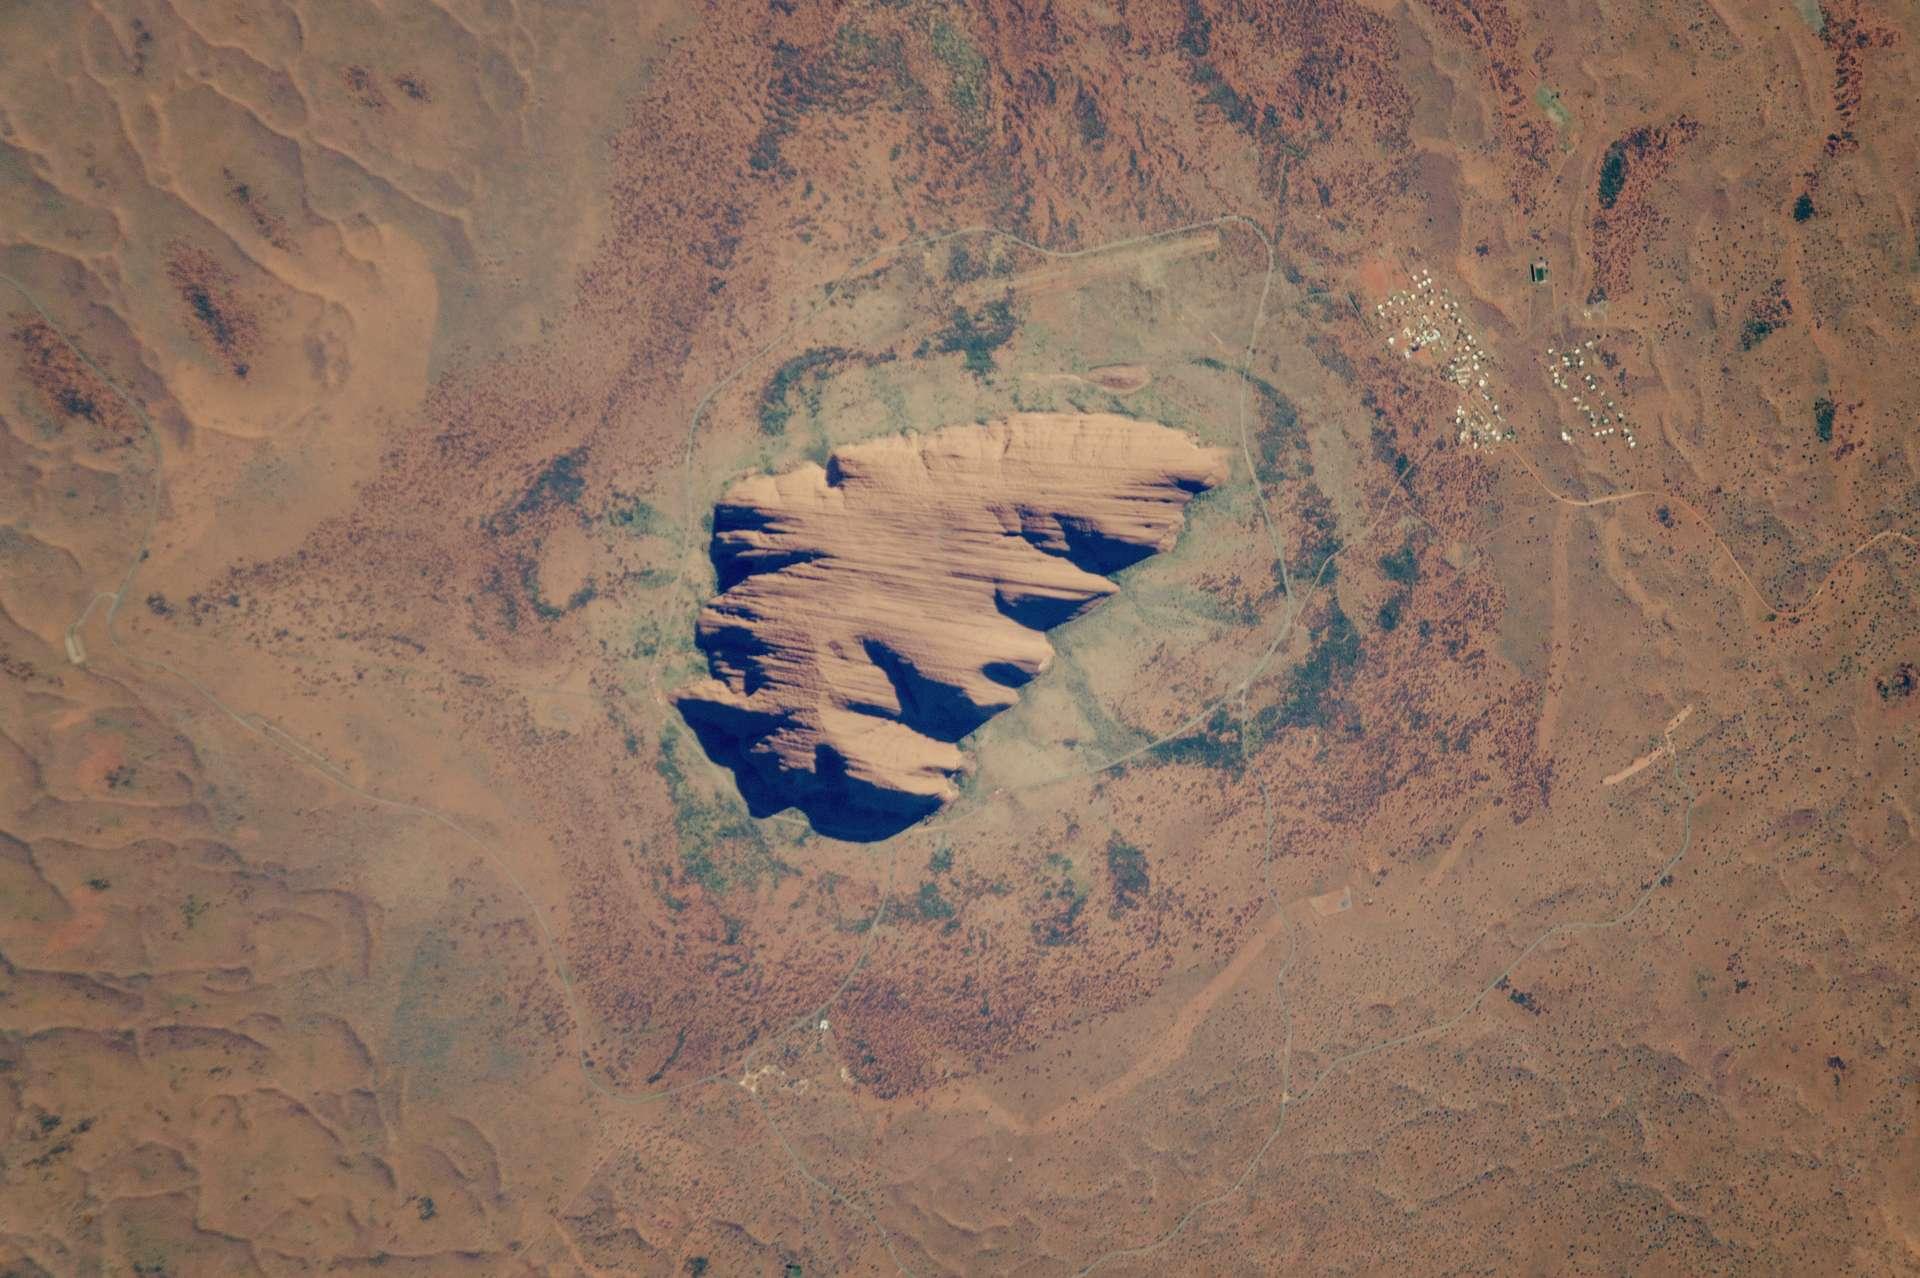 Le site d'Uluru a été classé au patrimoine mondial de l'Unesco en 1994 afin de préserver la culture aborigène. © Nasa